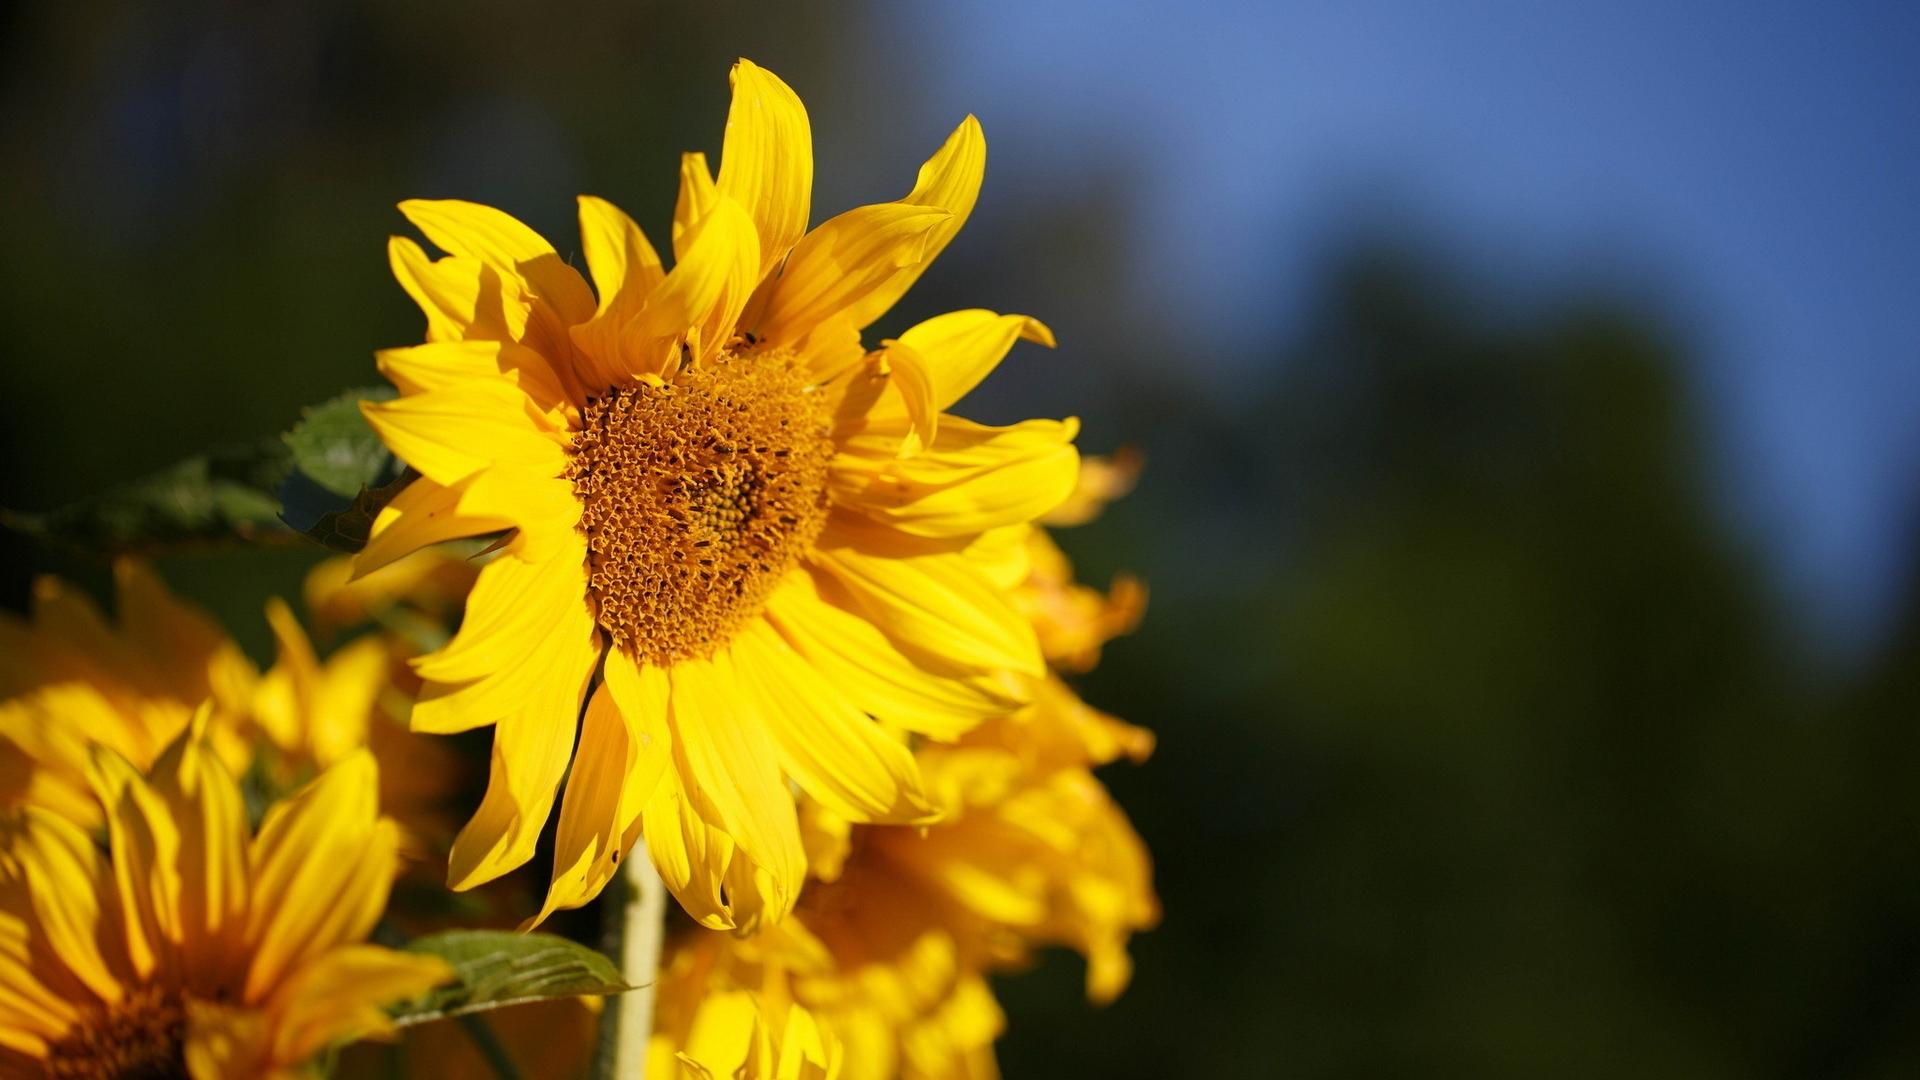 природа подсолнечник цветы nature sunflower flowers  № 2672102 загрузить